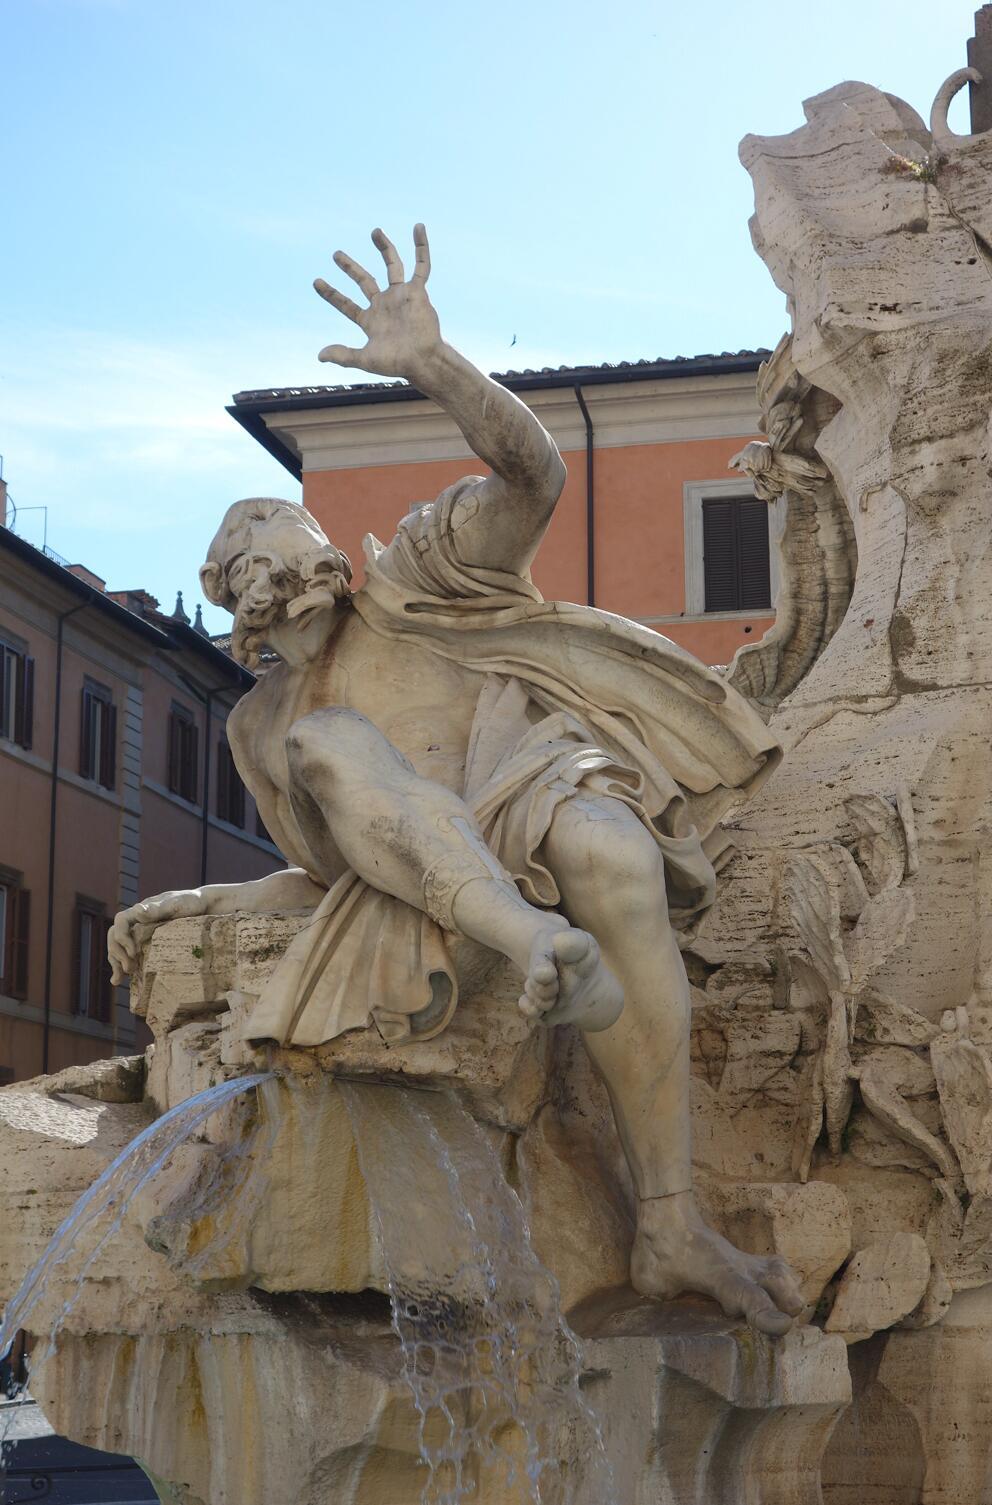 名作过眼:贝尔尼尼的喷泉雕塑12.jpg